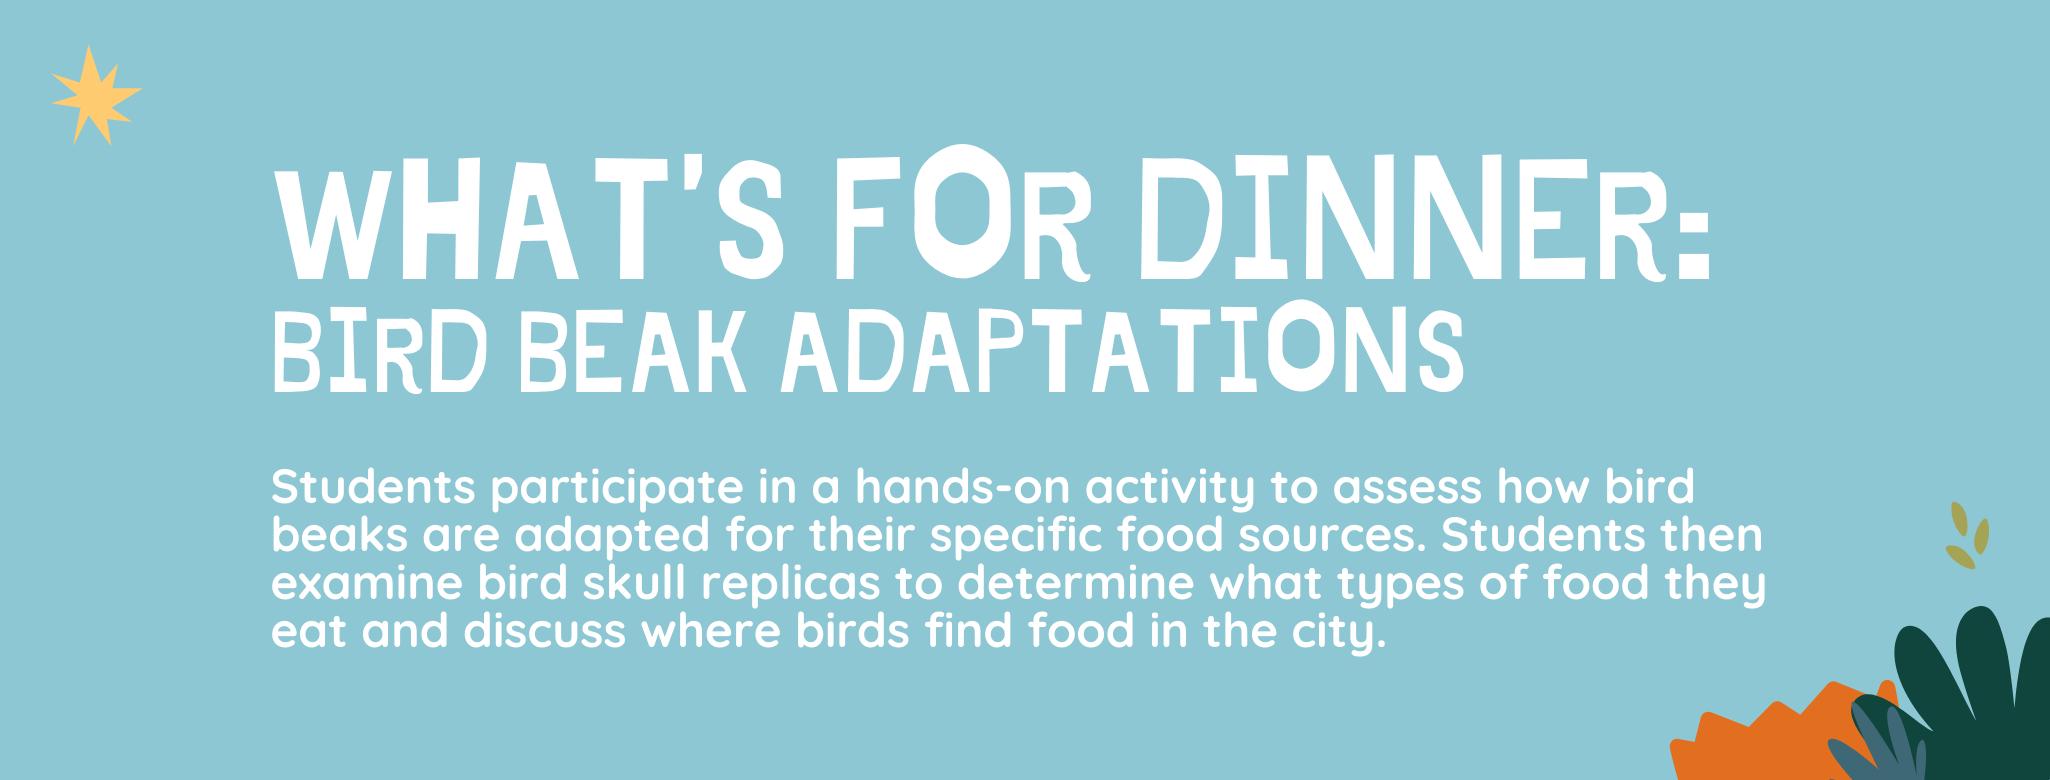 What's for Dinner? Bird Beak Adaptations